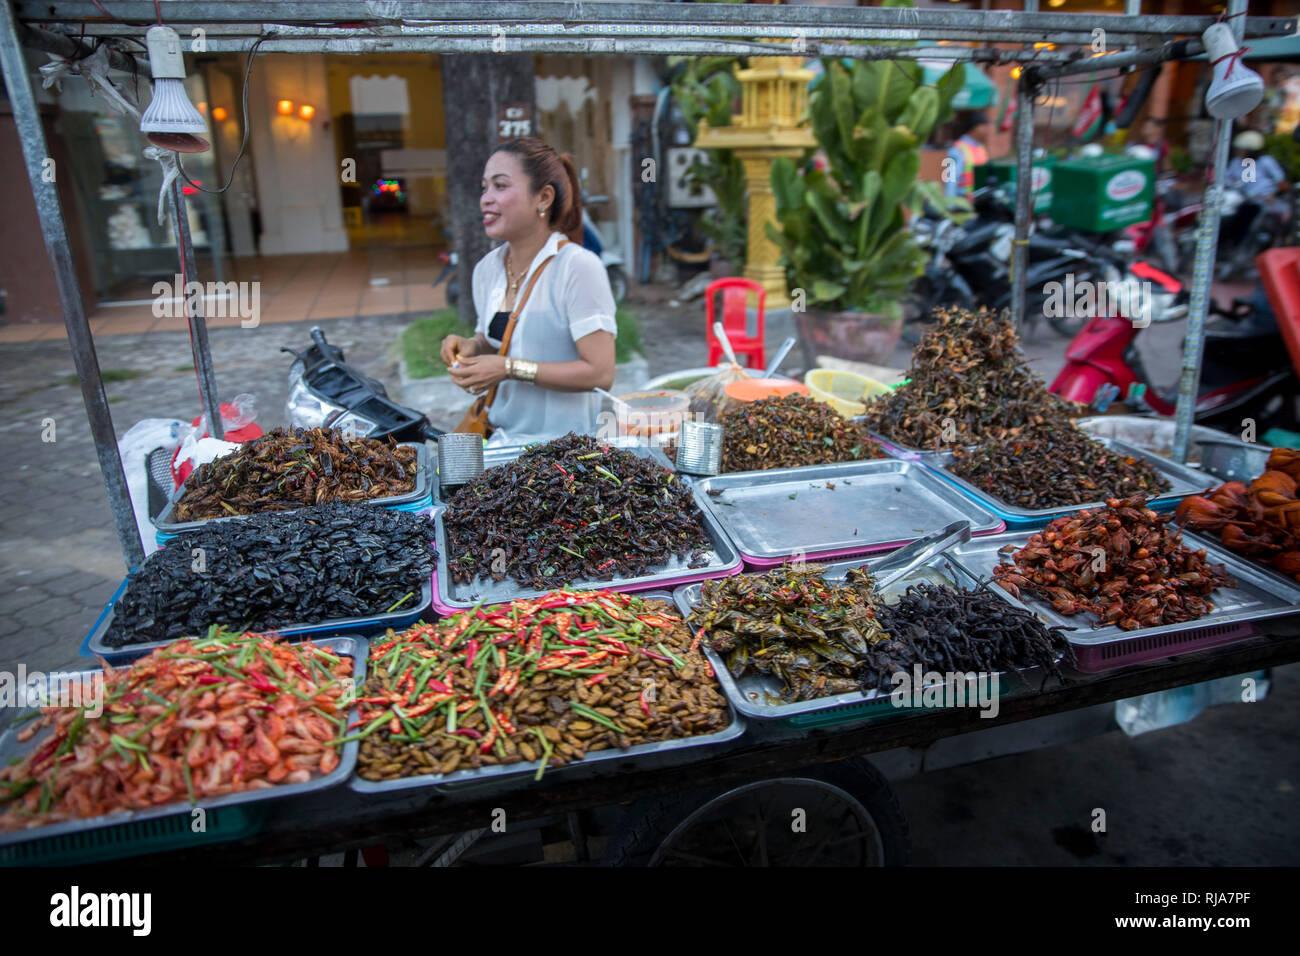 Kambodscha, Phnom Penh, Straßenszene, Verkaufsstand für geröstete Insekten, Spinnen, Kakerlaken, Larven, Würmer usw. - Stock Image